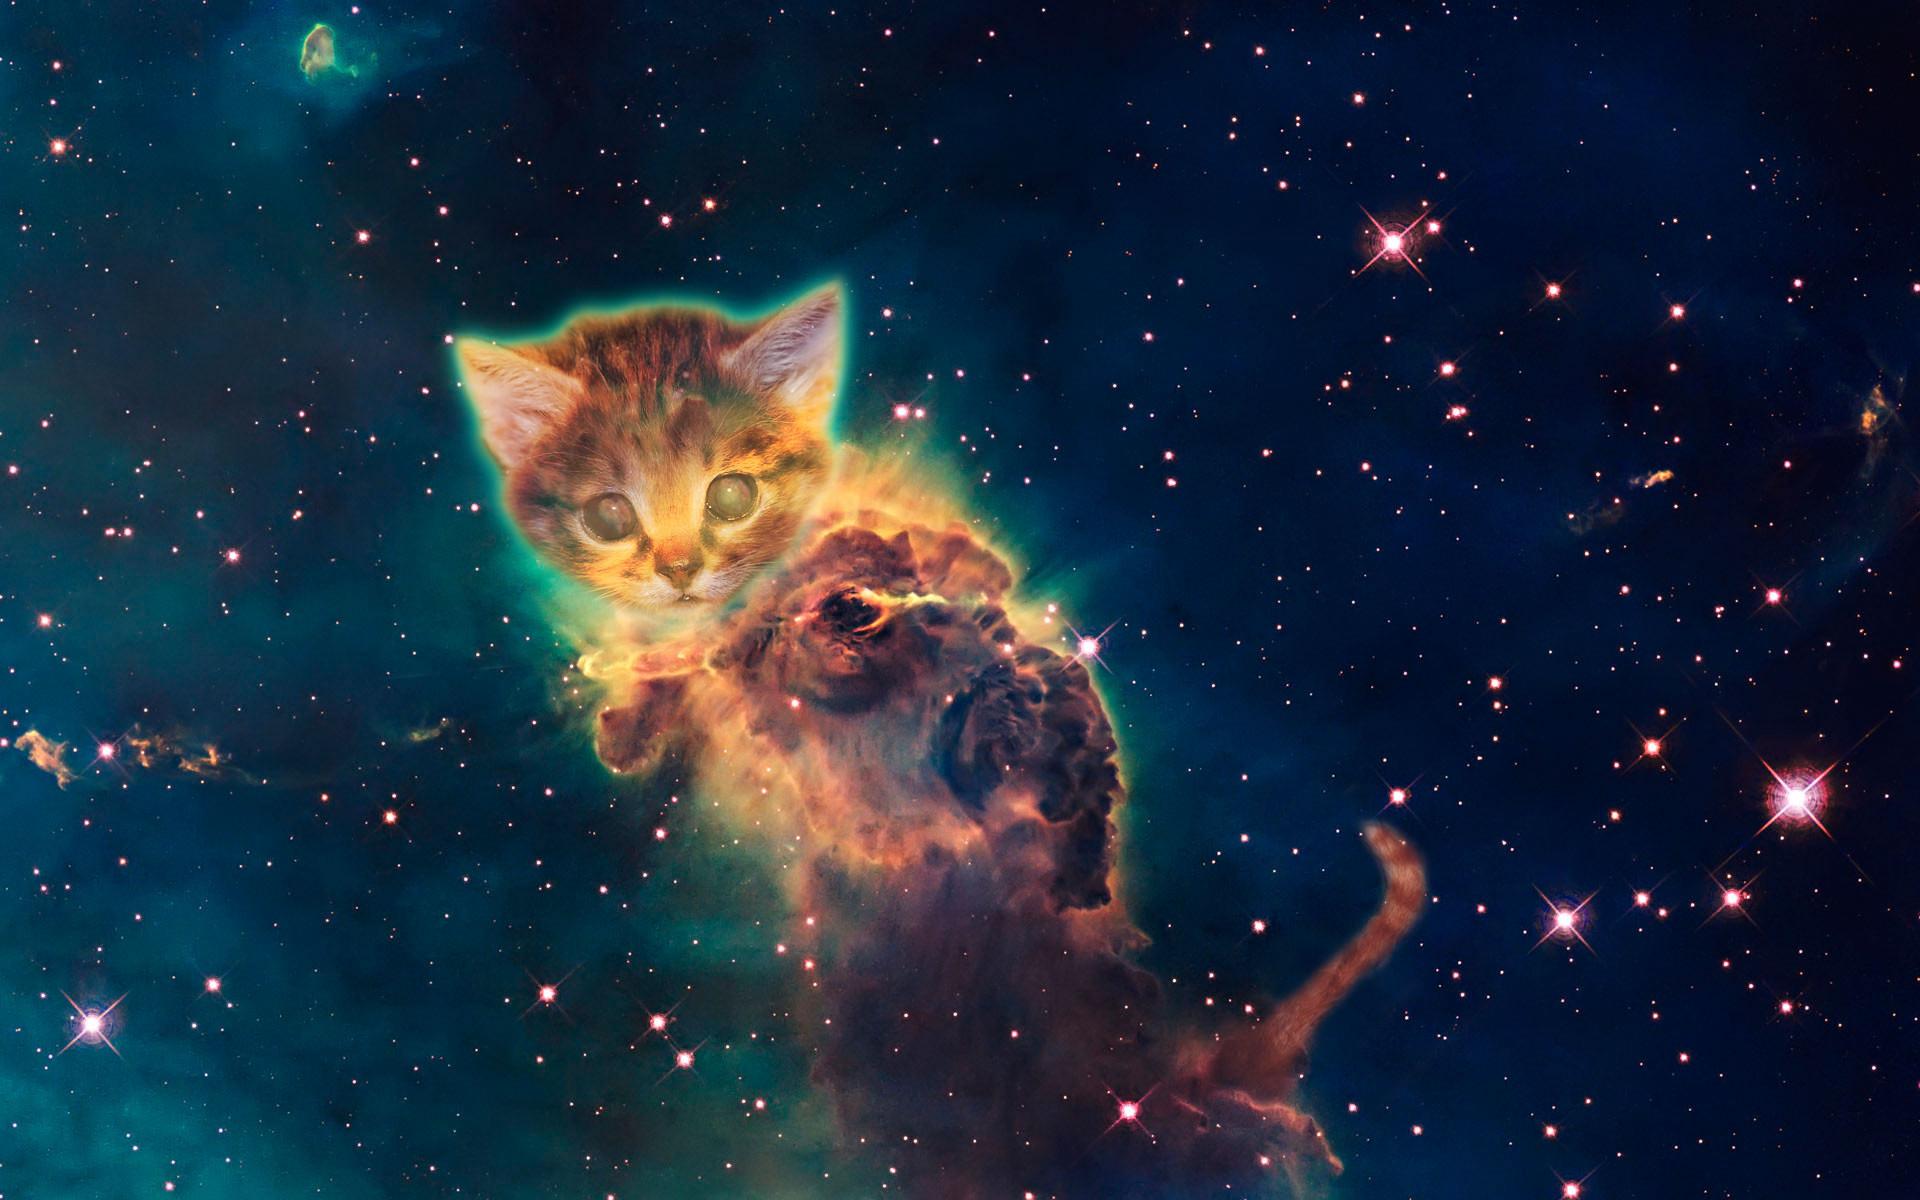 Galaxy Cat Wallpaper (69+ Images